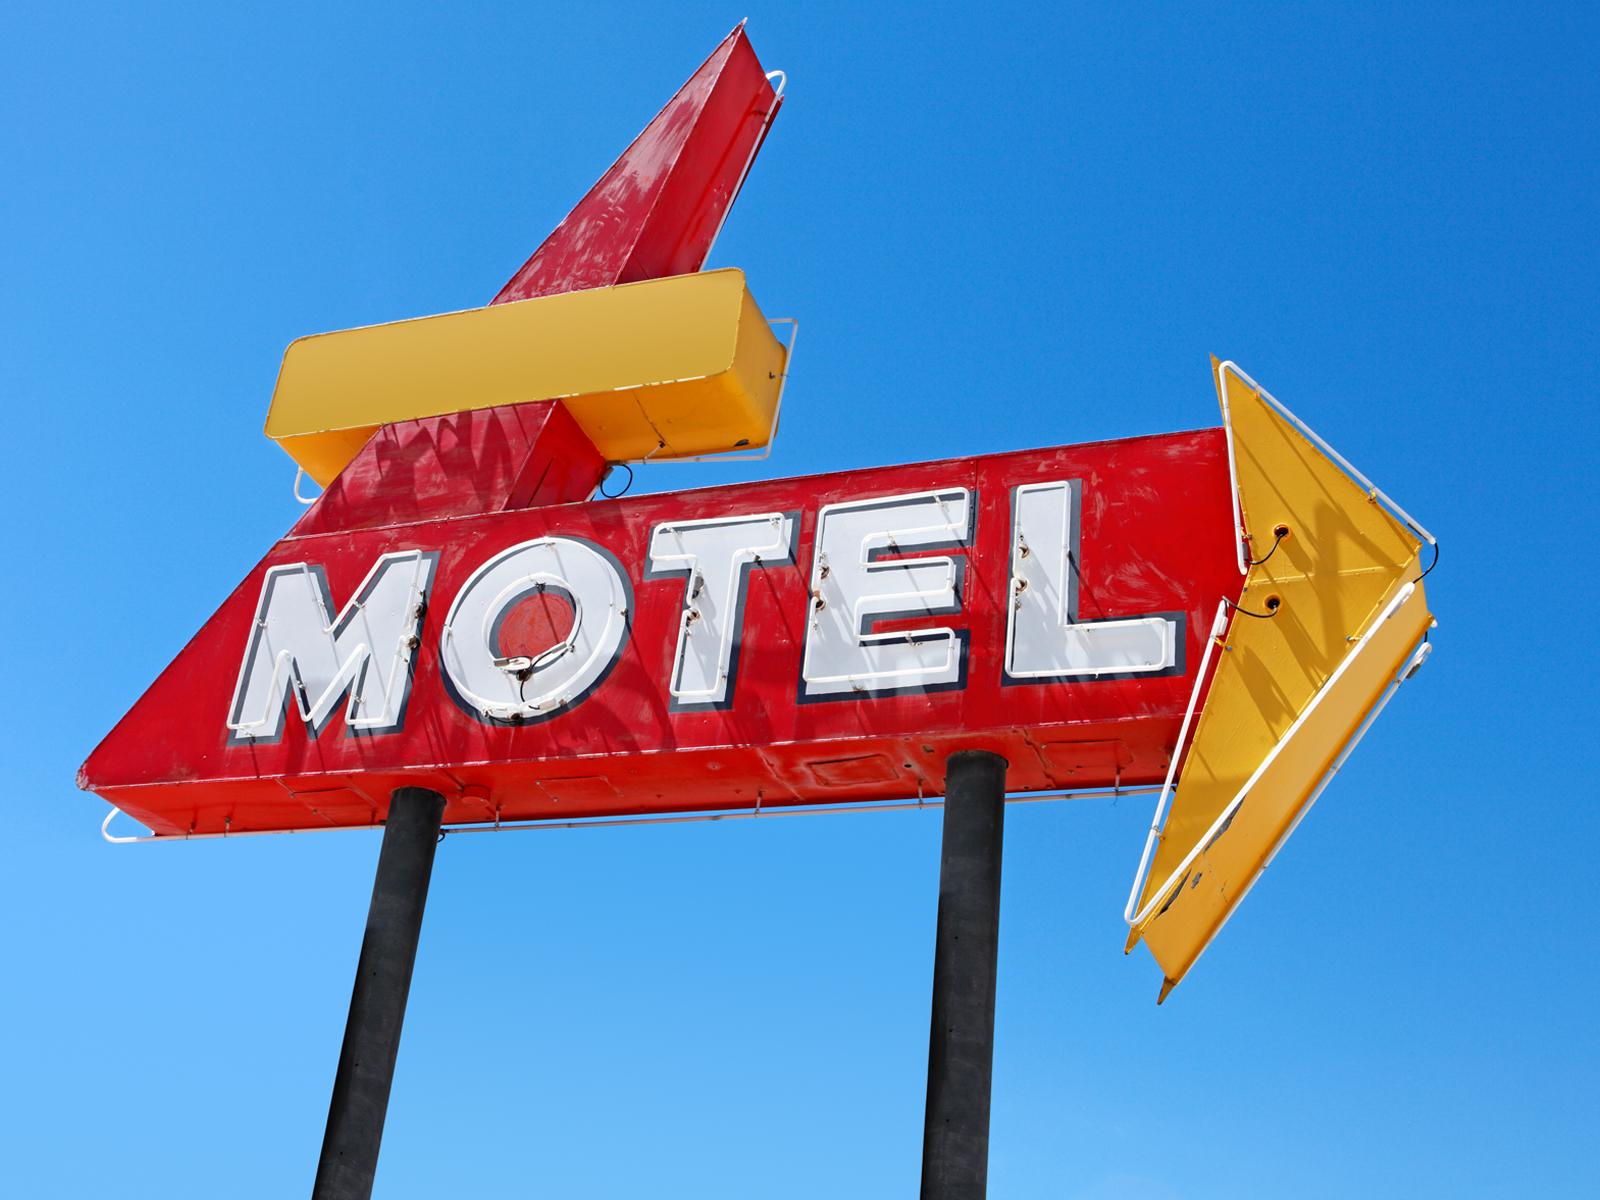 Católico pode ir a Motel